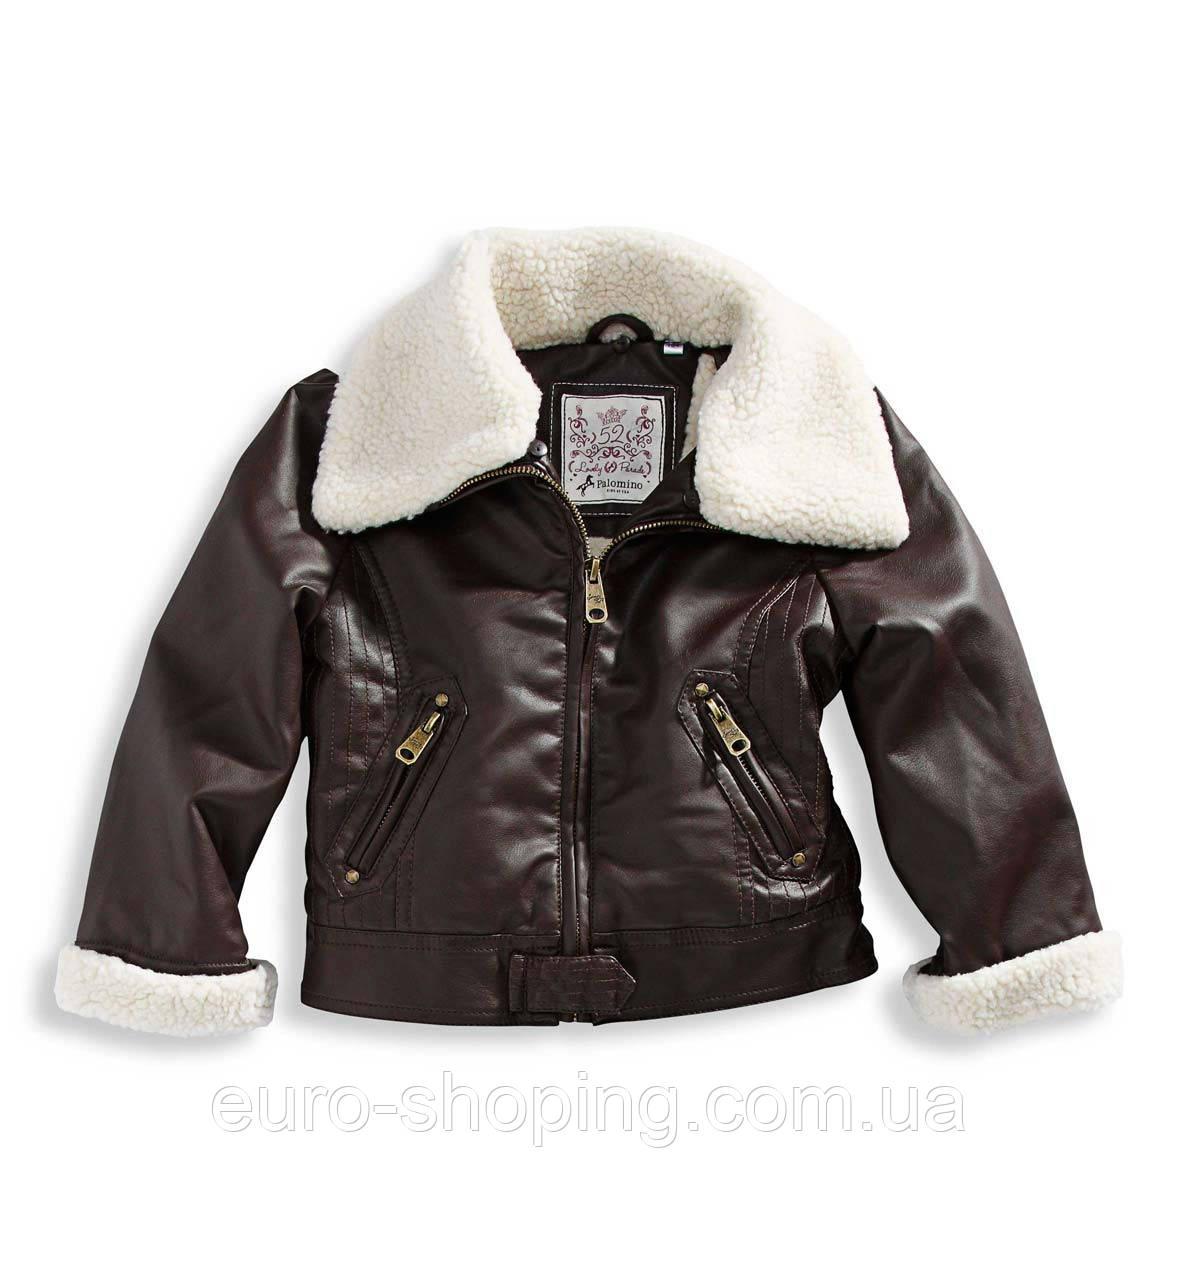 Куртка ЭКО кожа, Германия